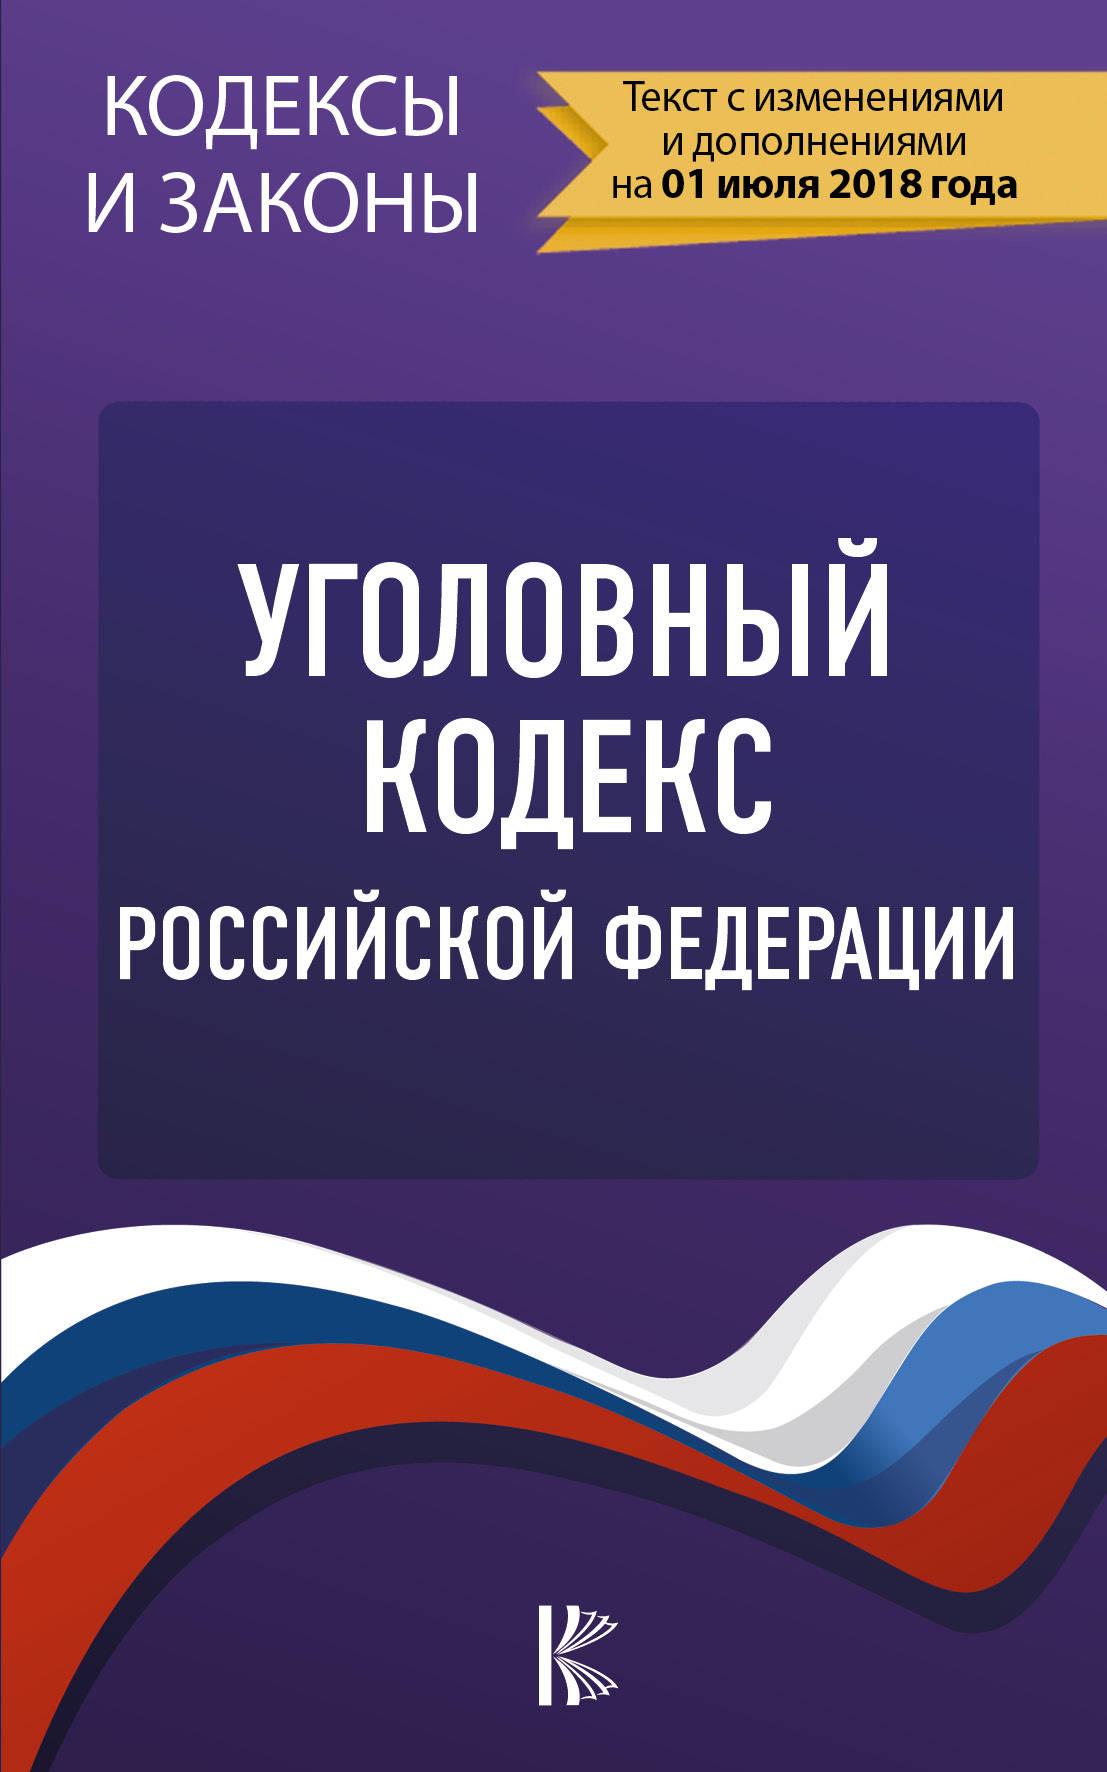 Уголовный Кодекс Российской Федерации. По состоянию на 01.07.2018 г.